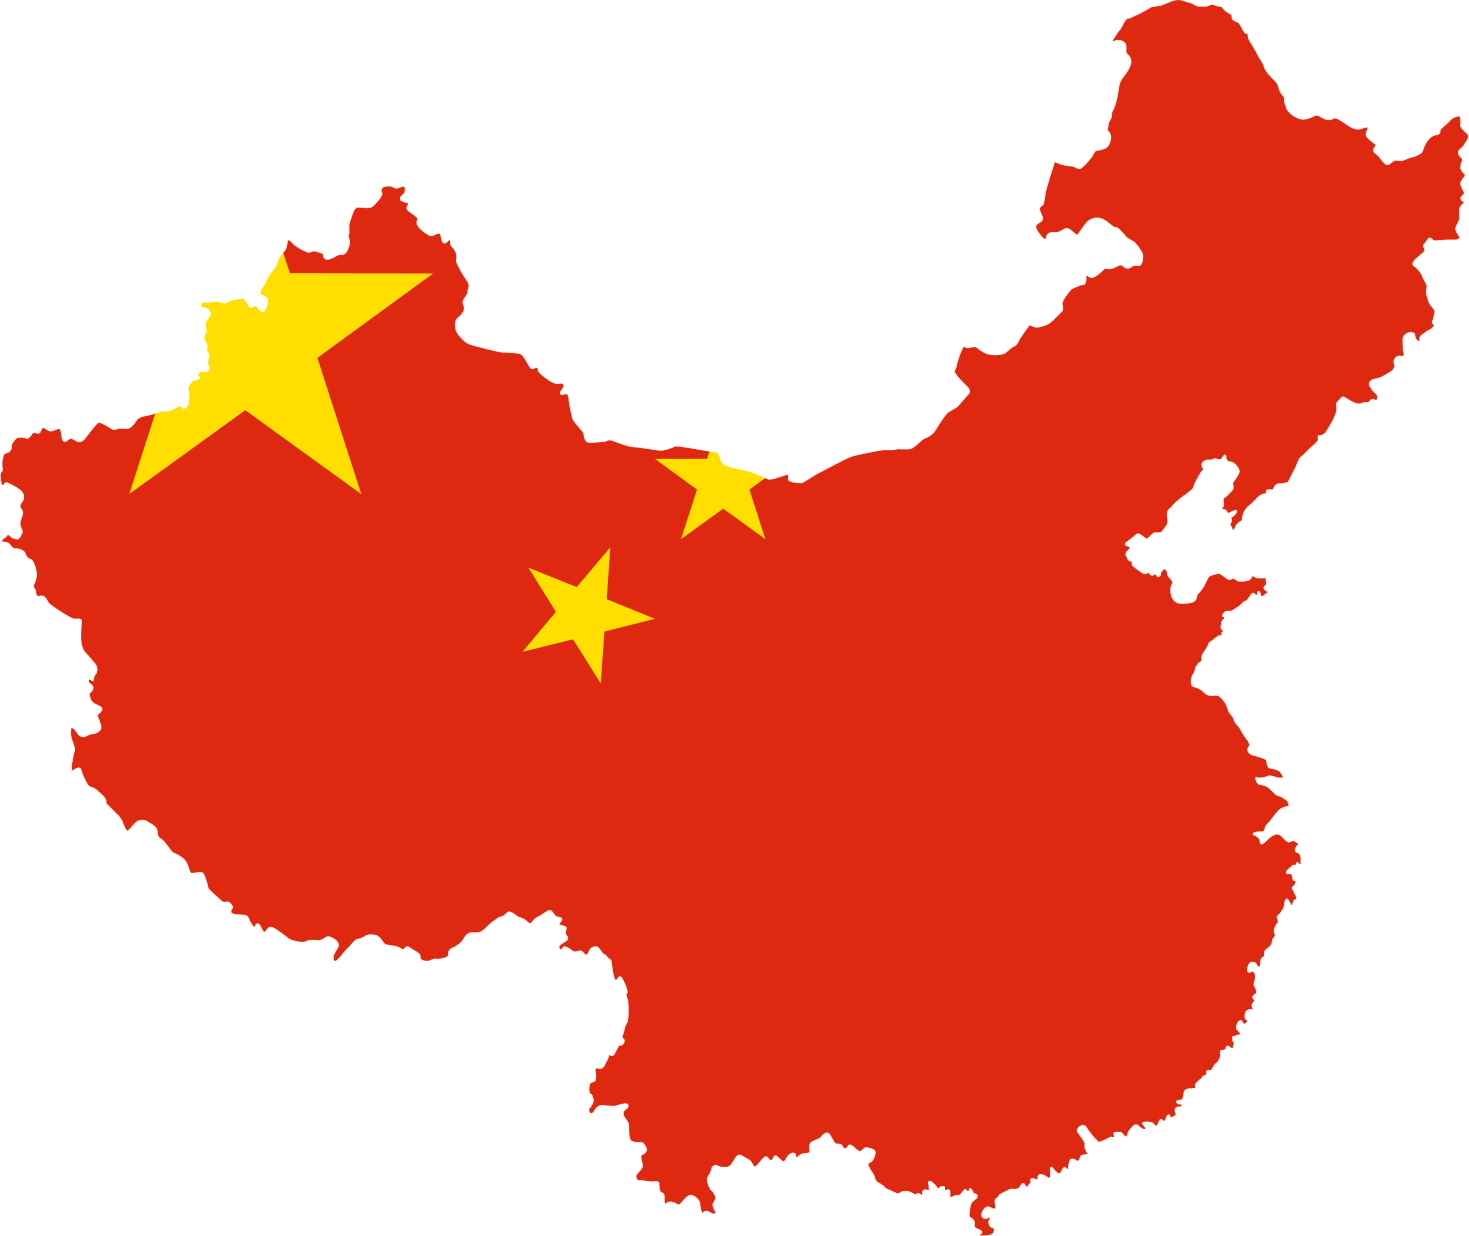 الضغوط الاقتصادية تمهد لتغيير استراتيجية الصين